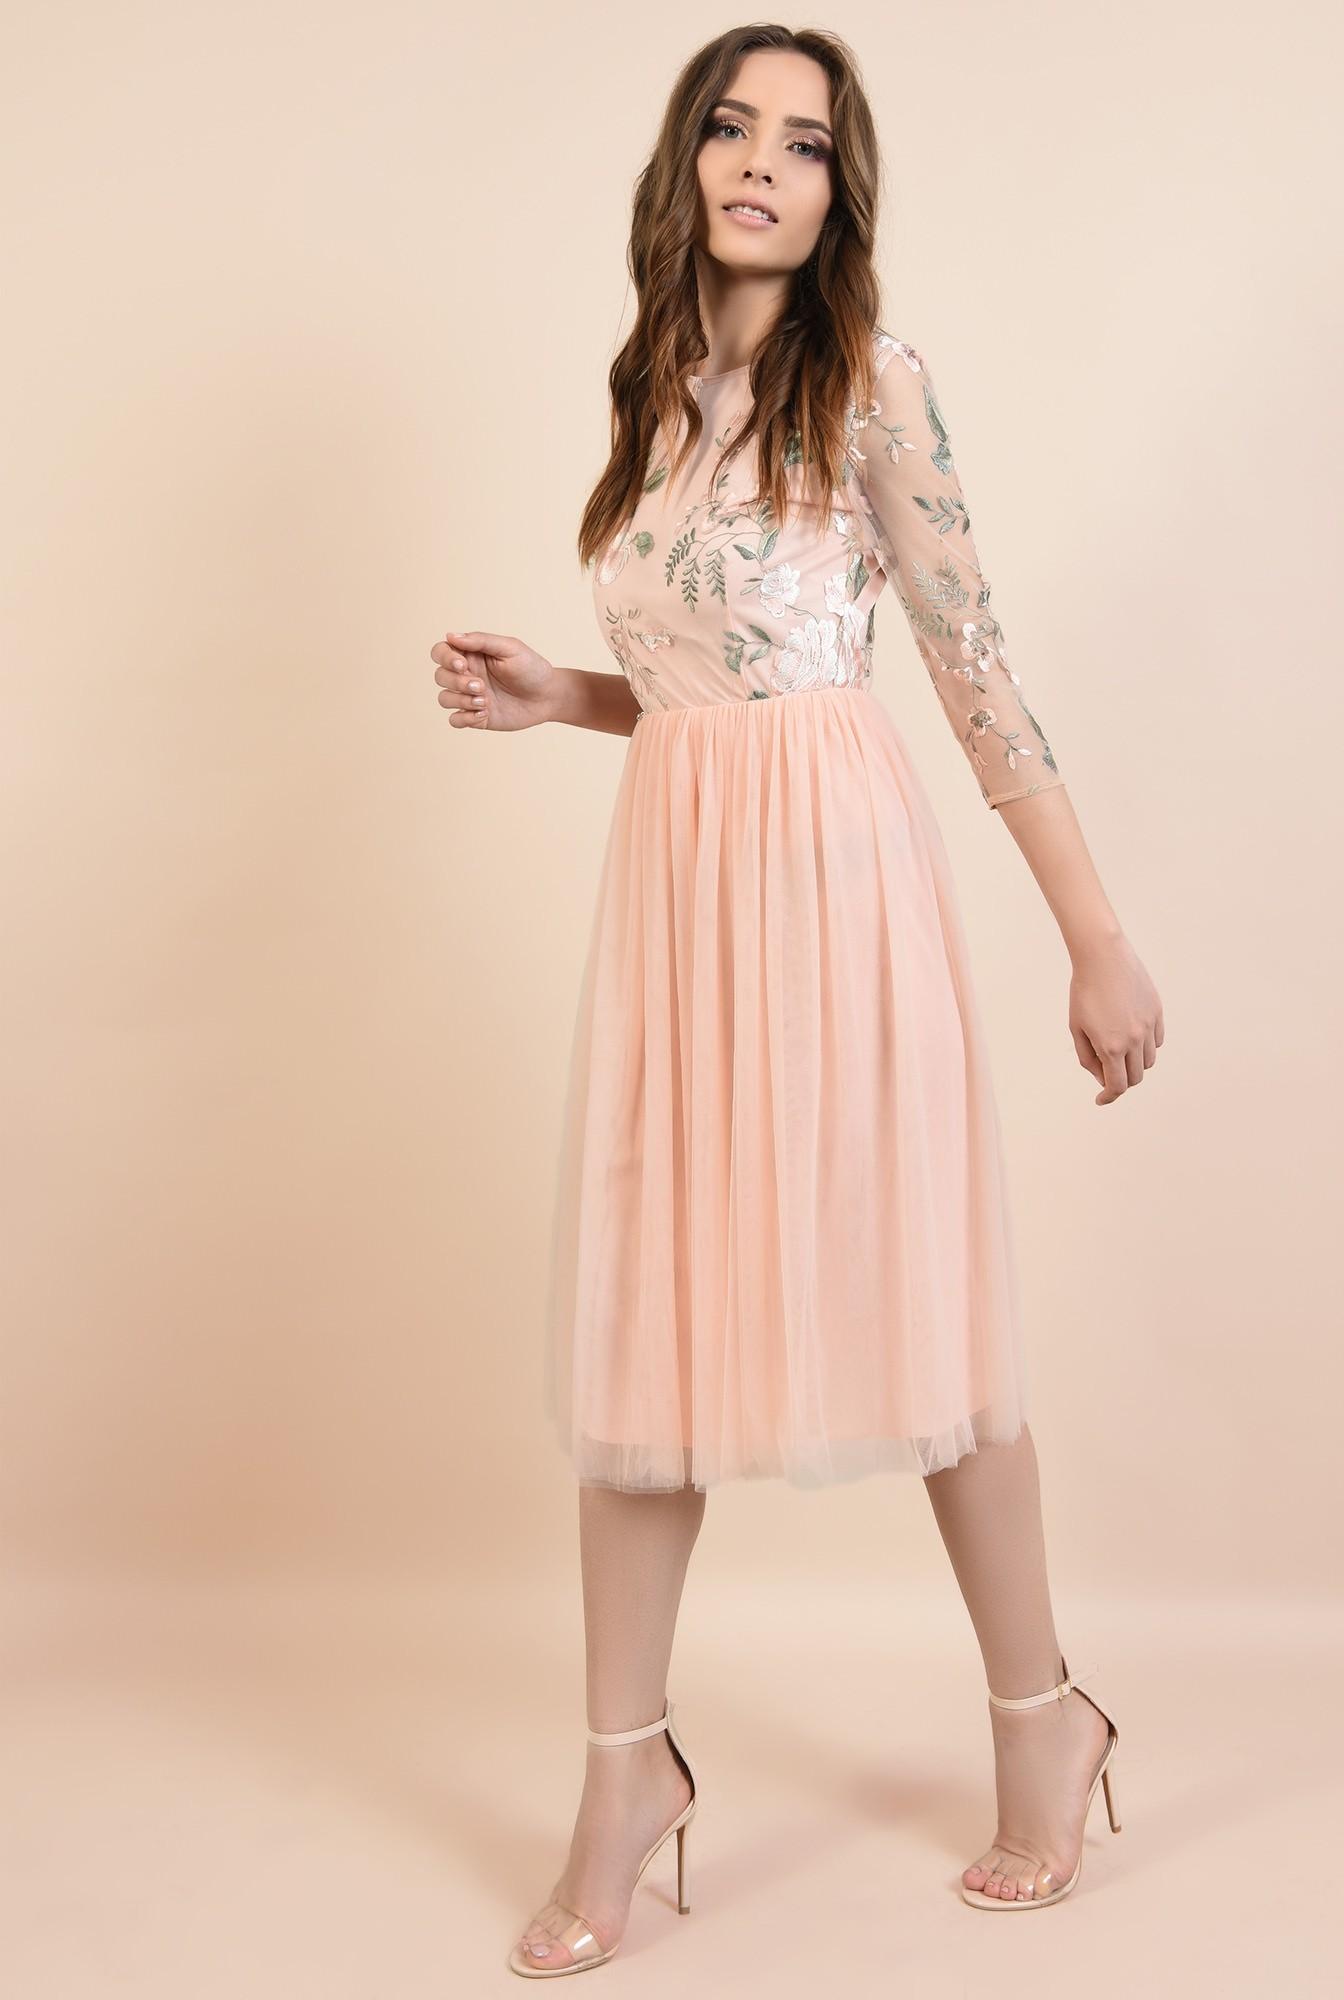 3 - rochie de seara, roz, din tul, broderie florala, croi evazat